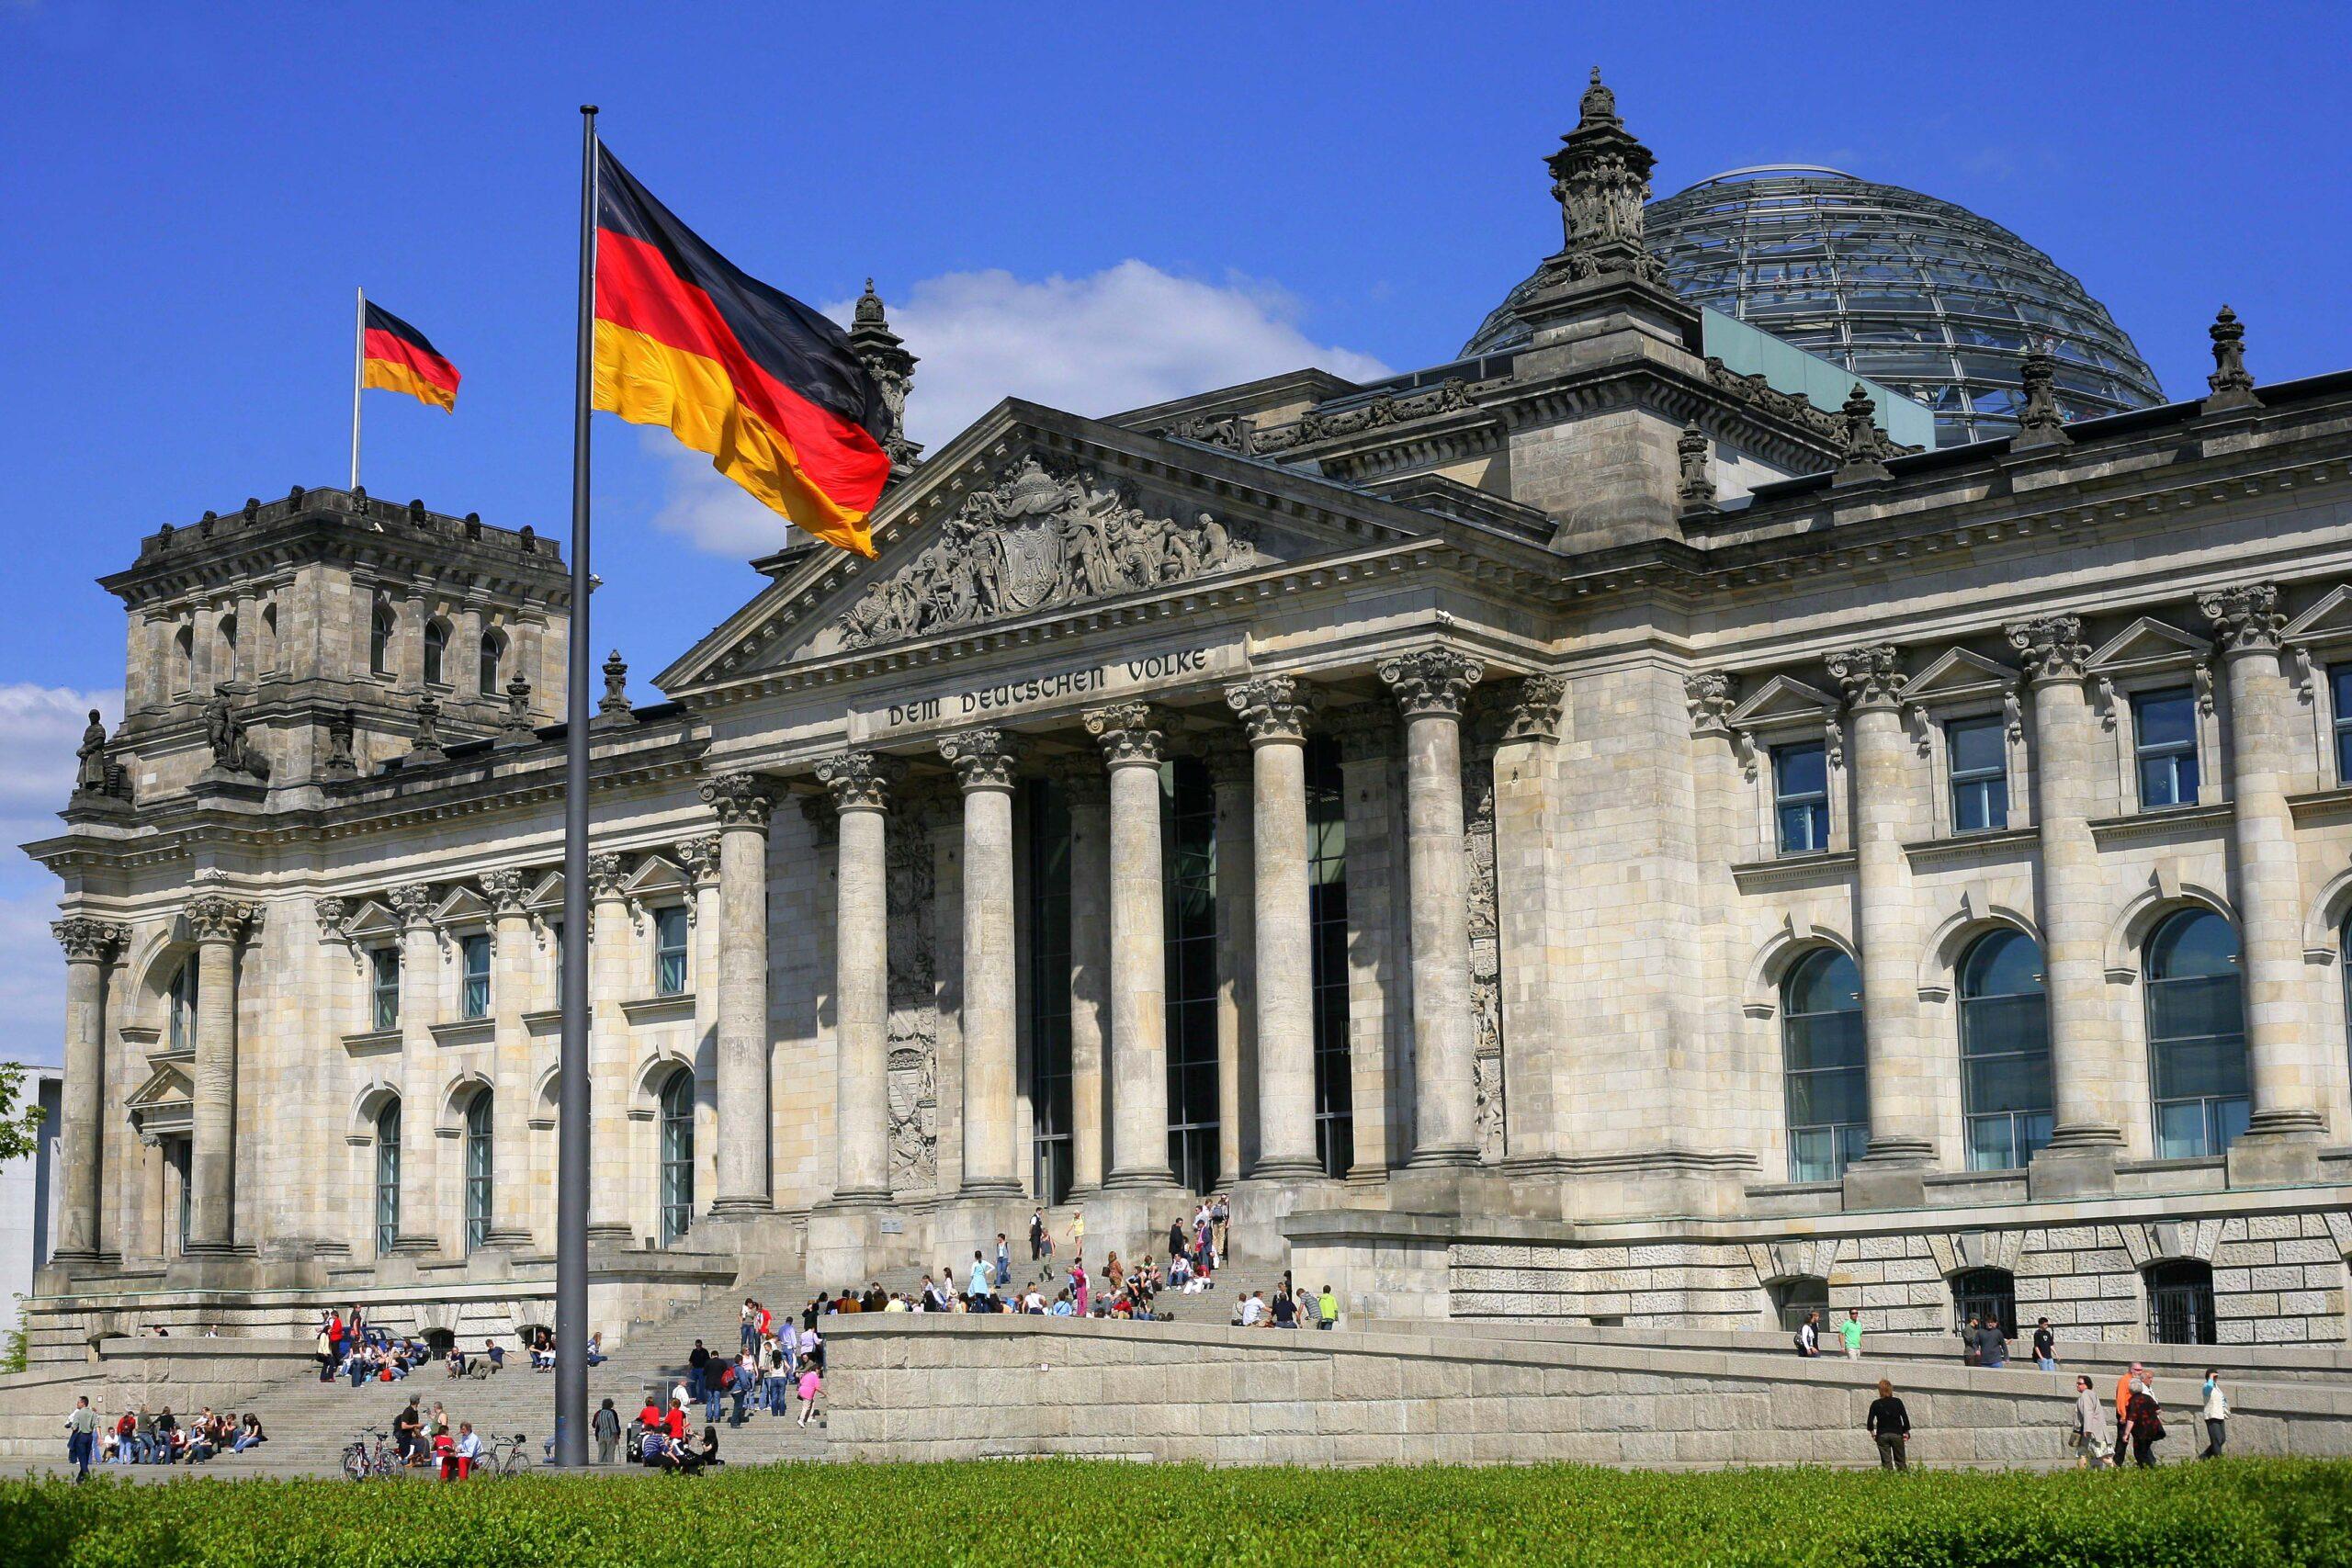 Wybory w Niemczech. Bomba w lokalu wyborczym